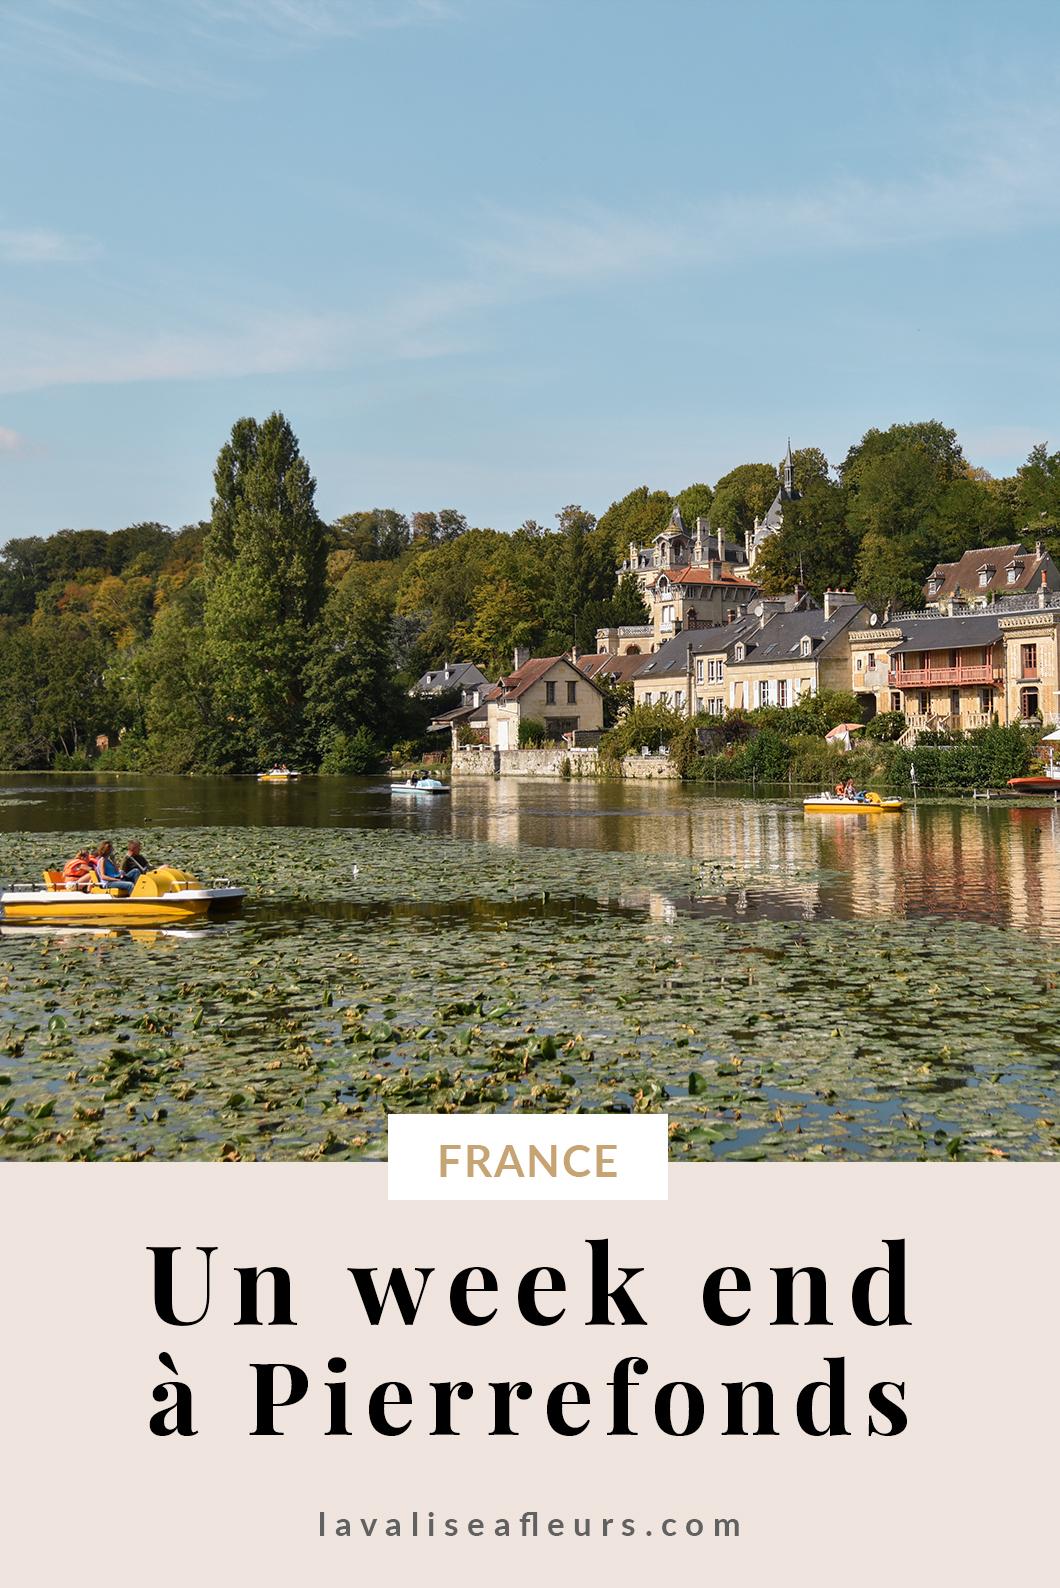 Guide d'un week end à Pierrefonds en France